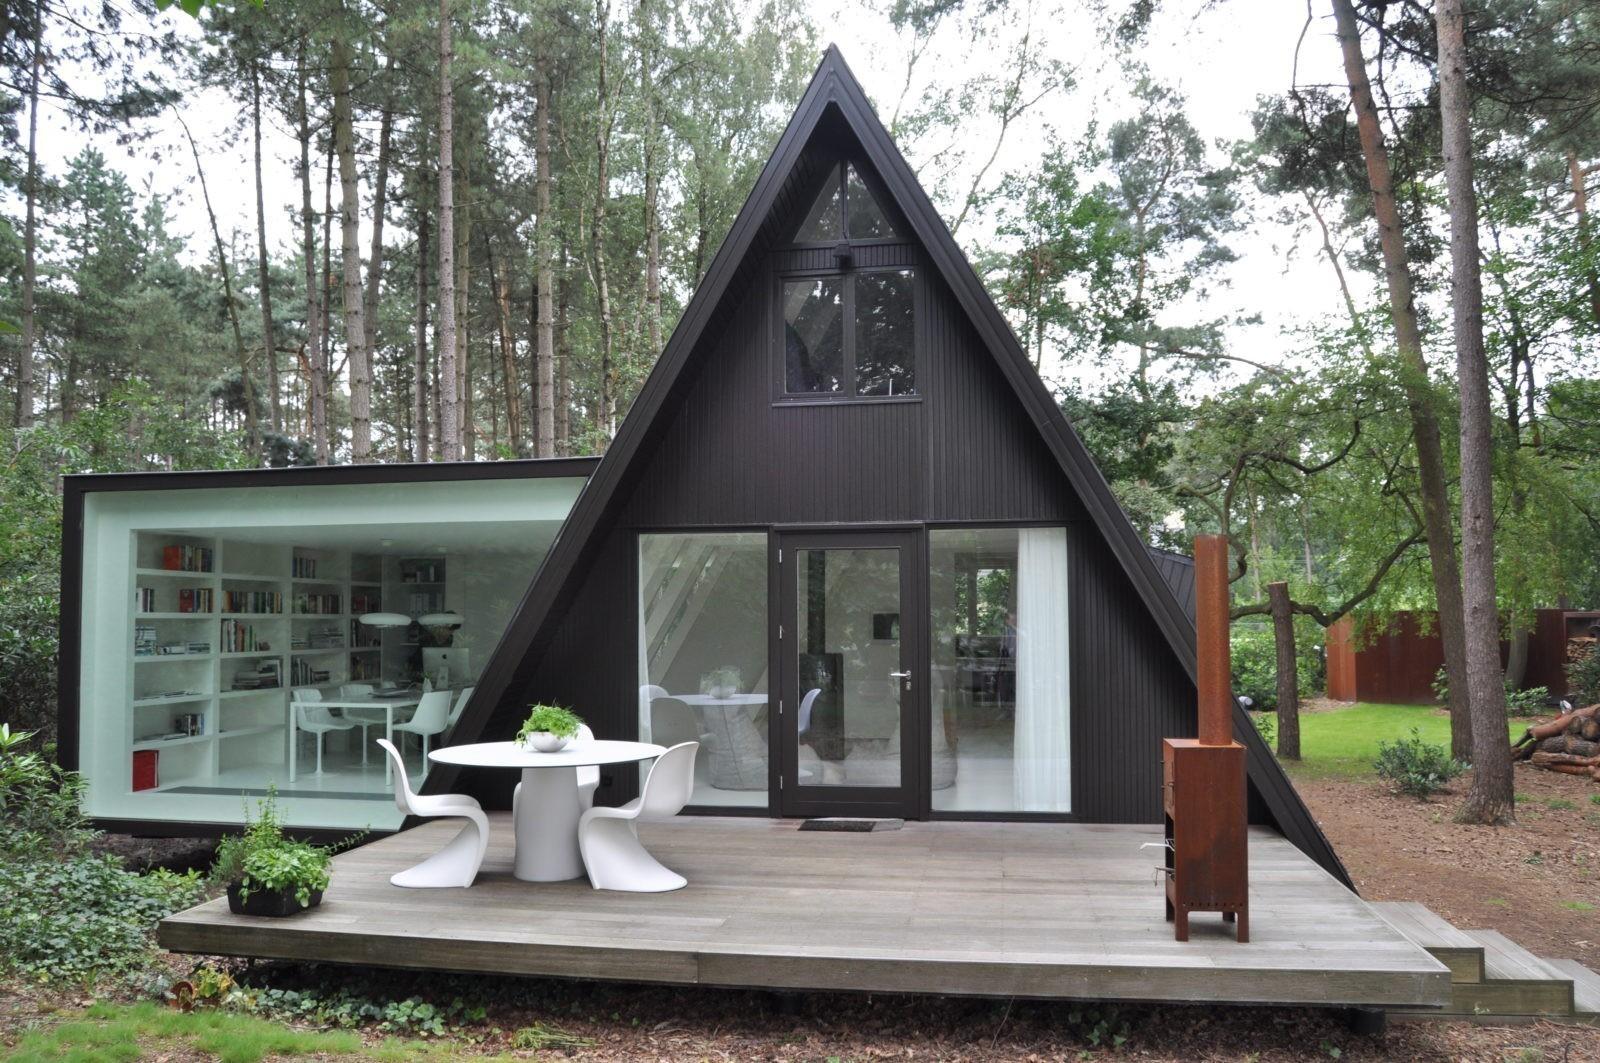 Необычный жилой дом или просто лесная сказка